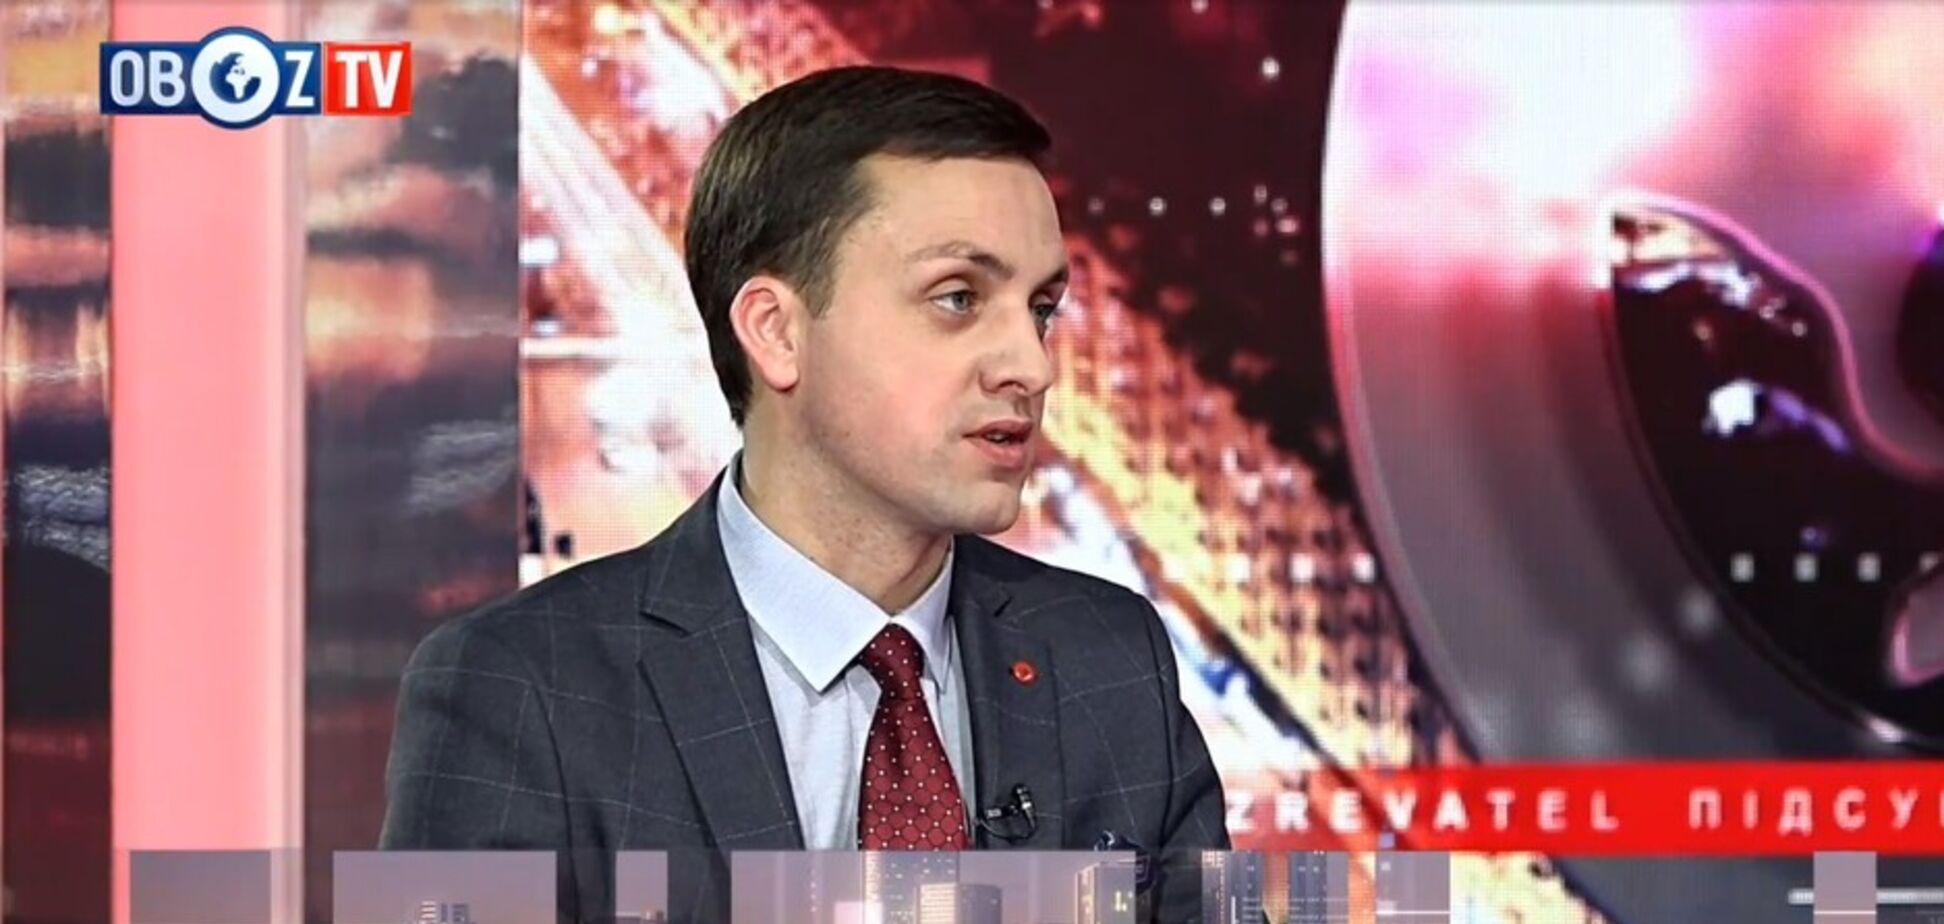 Ми не зможемо відмовитися від того, що підписав Порошенко: народний депутат України